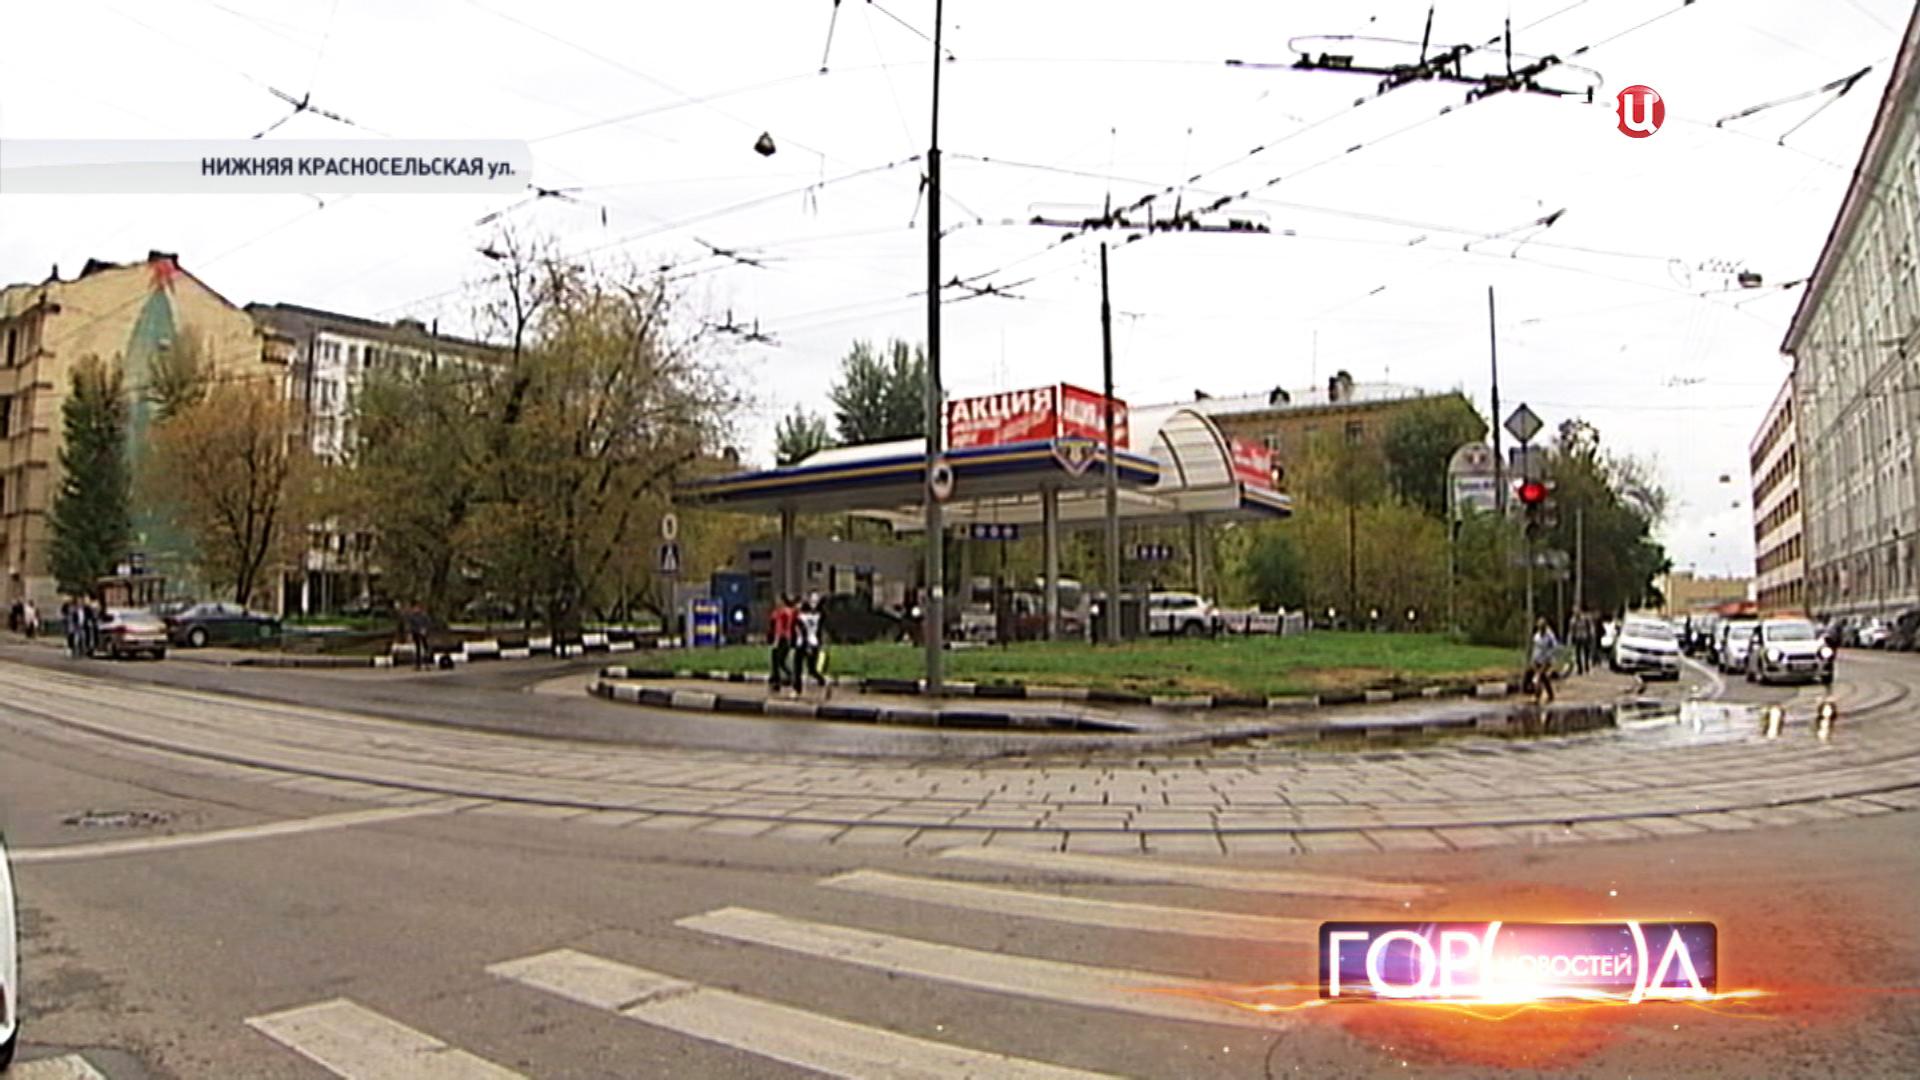 АЗС на Нижней Красносельской улице